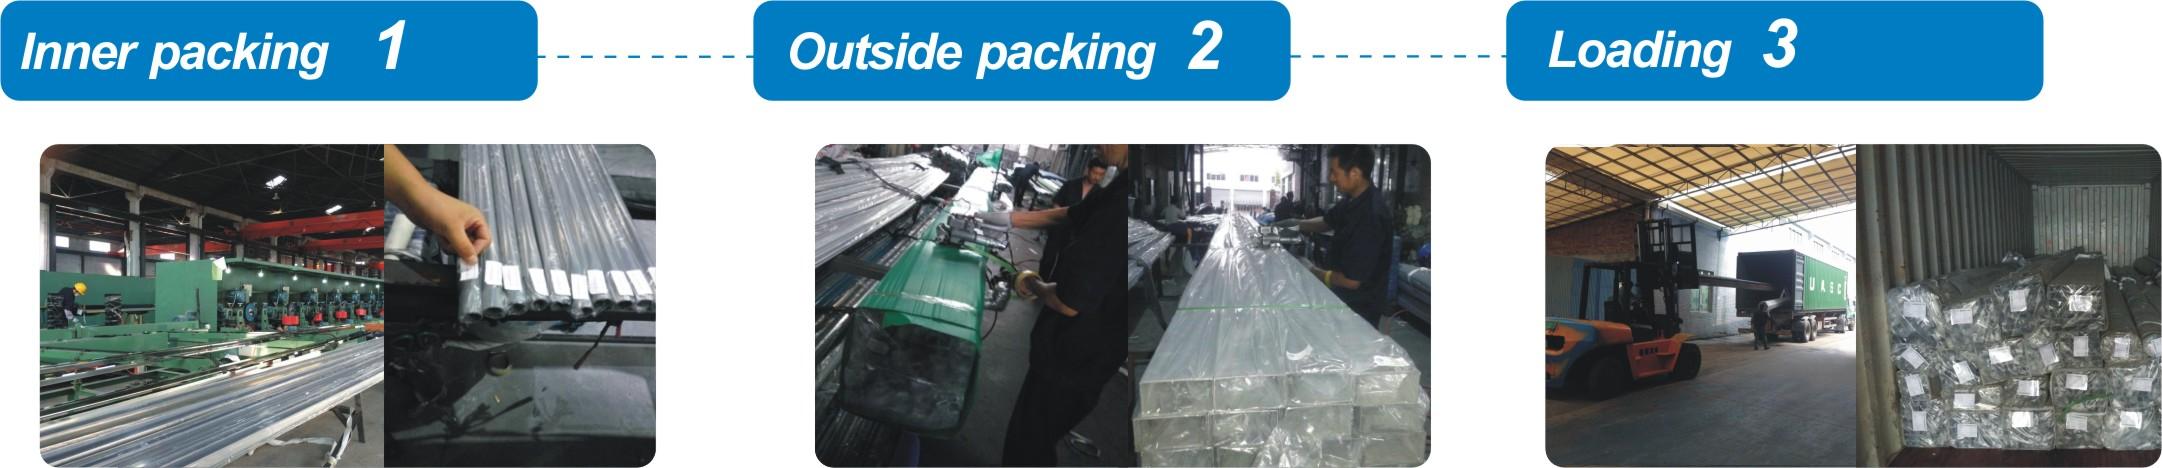 stainless steel packaing